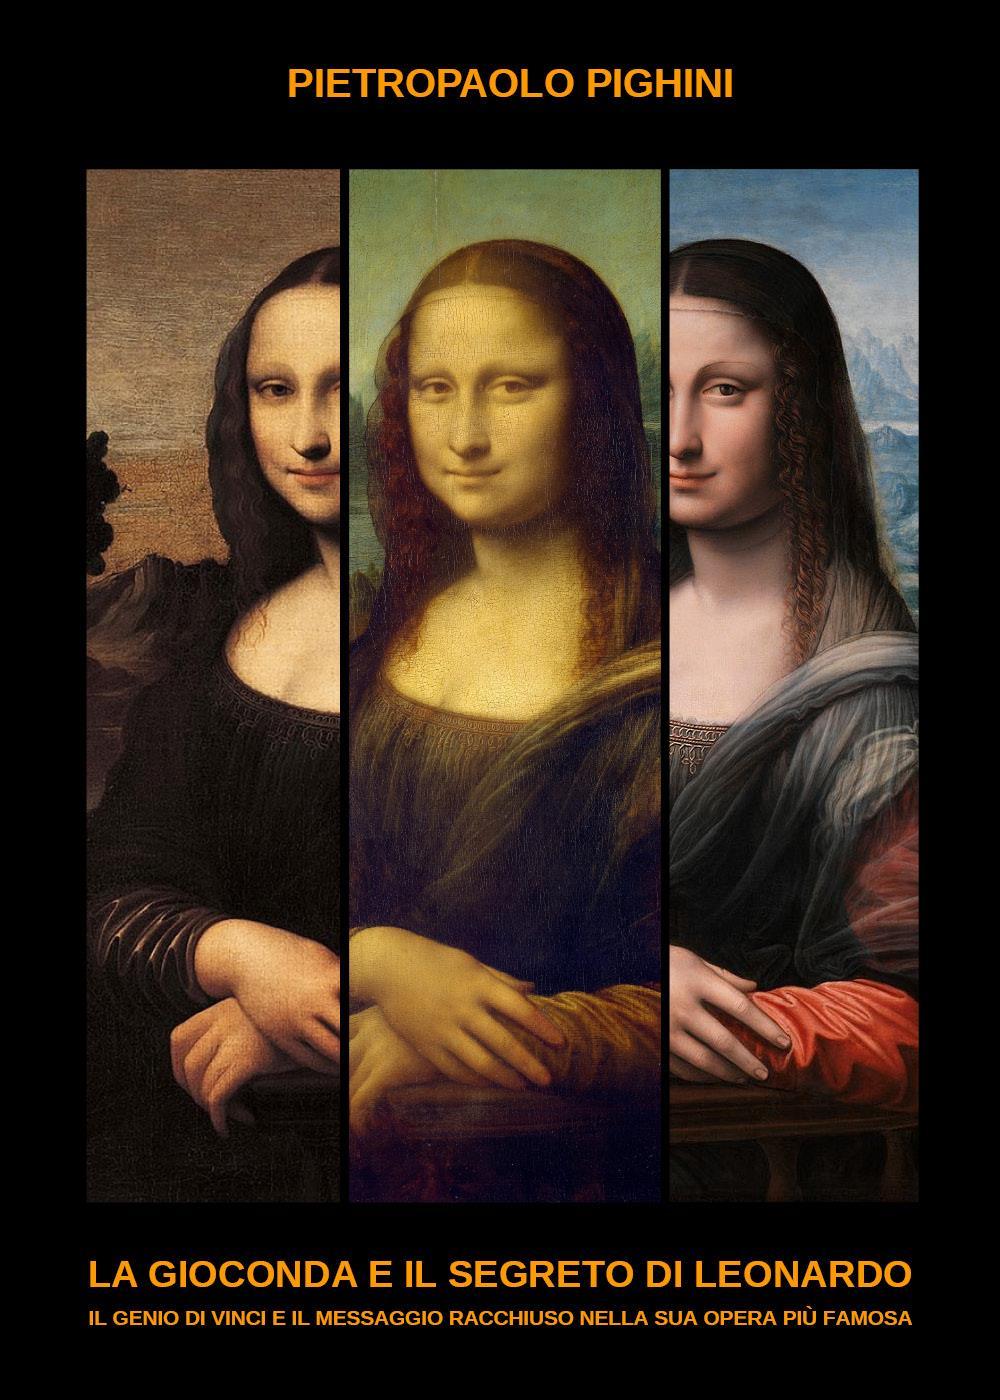 La Gioconda e il segreto di Leonardo